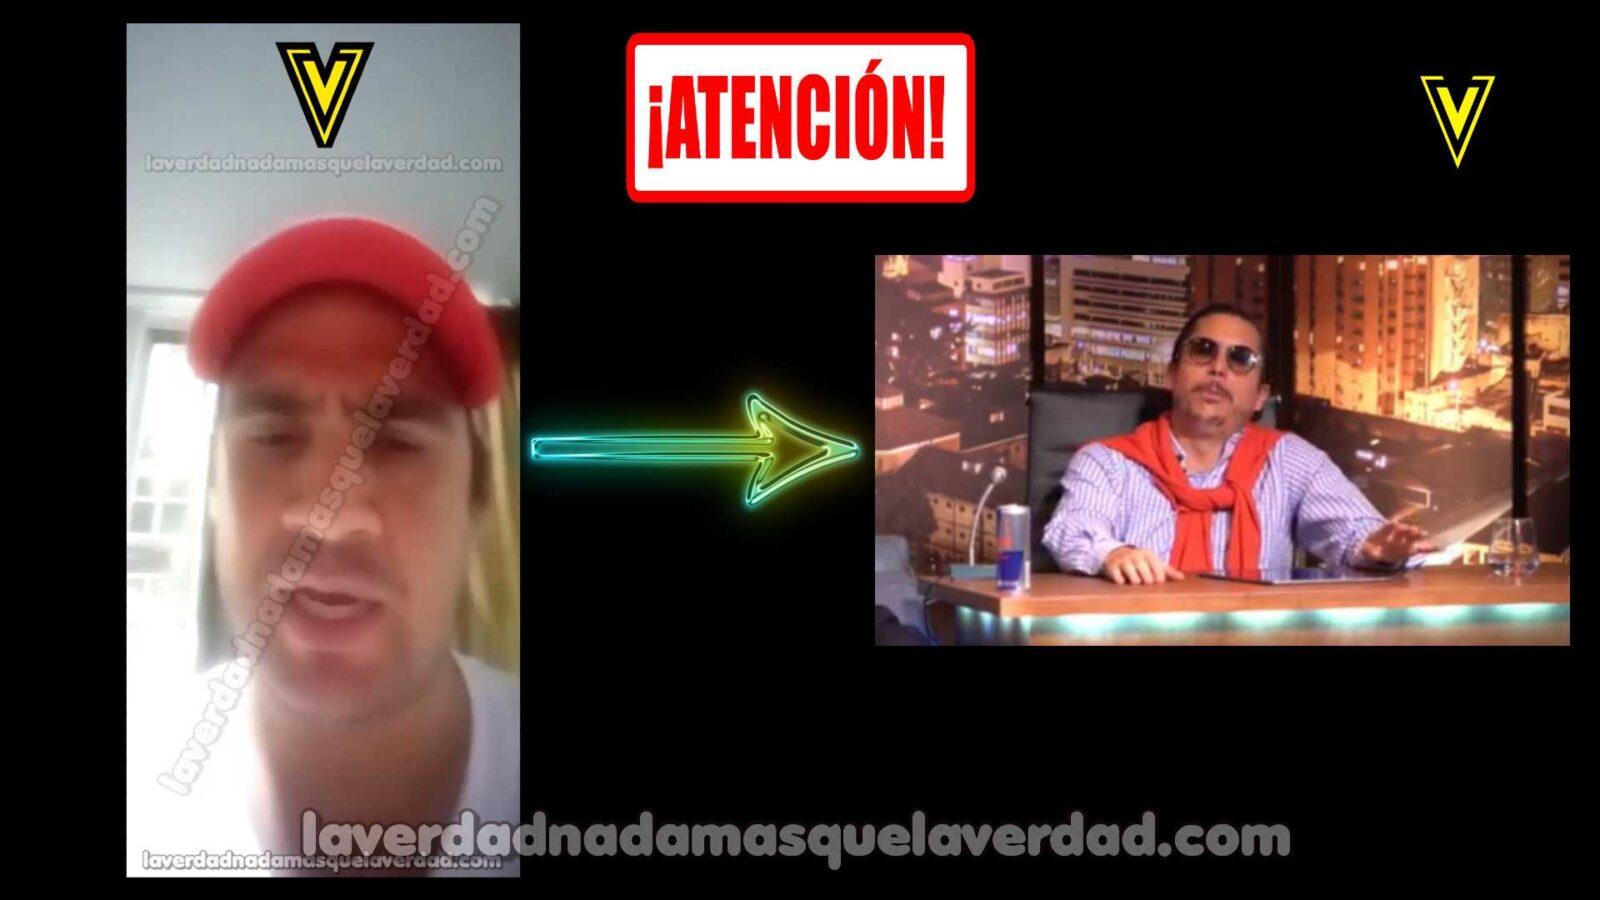 → EN VIDEO JUAN PABLO GARCÍA LE PIDE DISCULPAS ALEJANDRO RIAÑO 【JUANPIS】 POR AMENAZAR A SUS GEMELOS